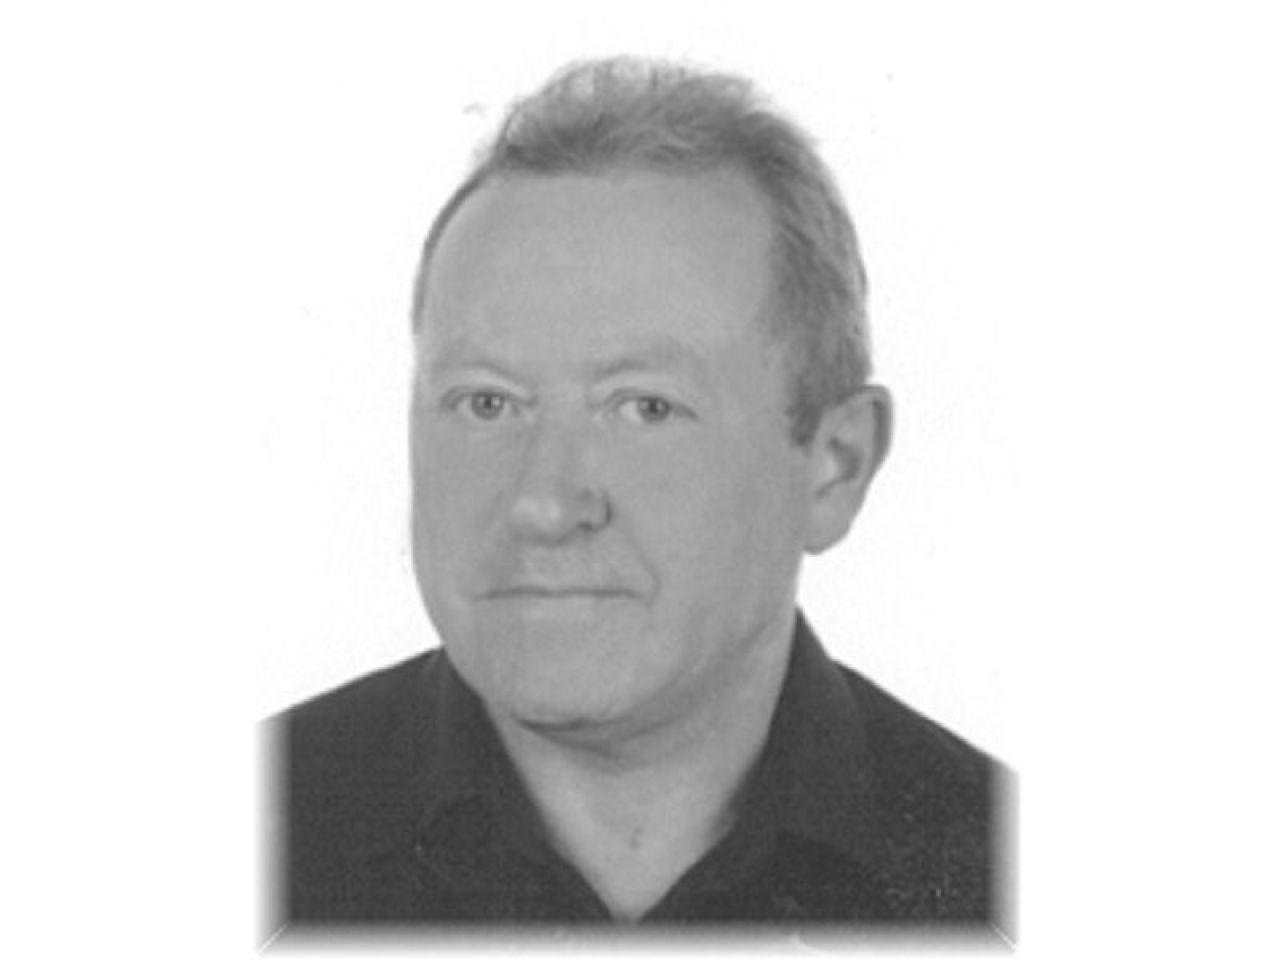 Policja poszukuje zaginionego mieszkańca gm. Przykona. - fot. KPP Turek